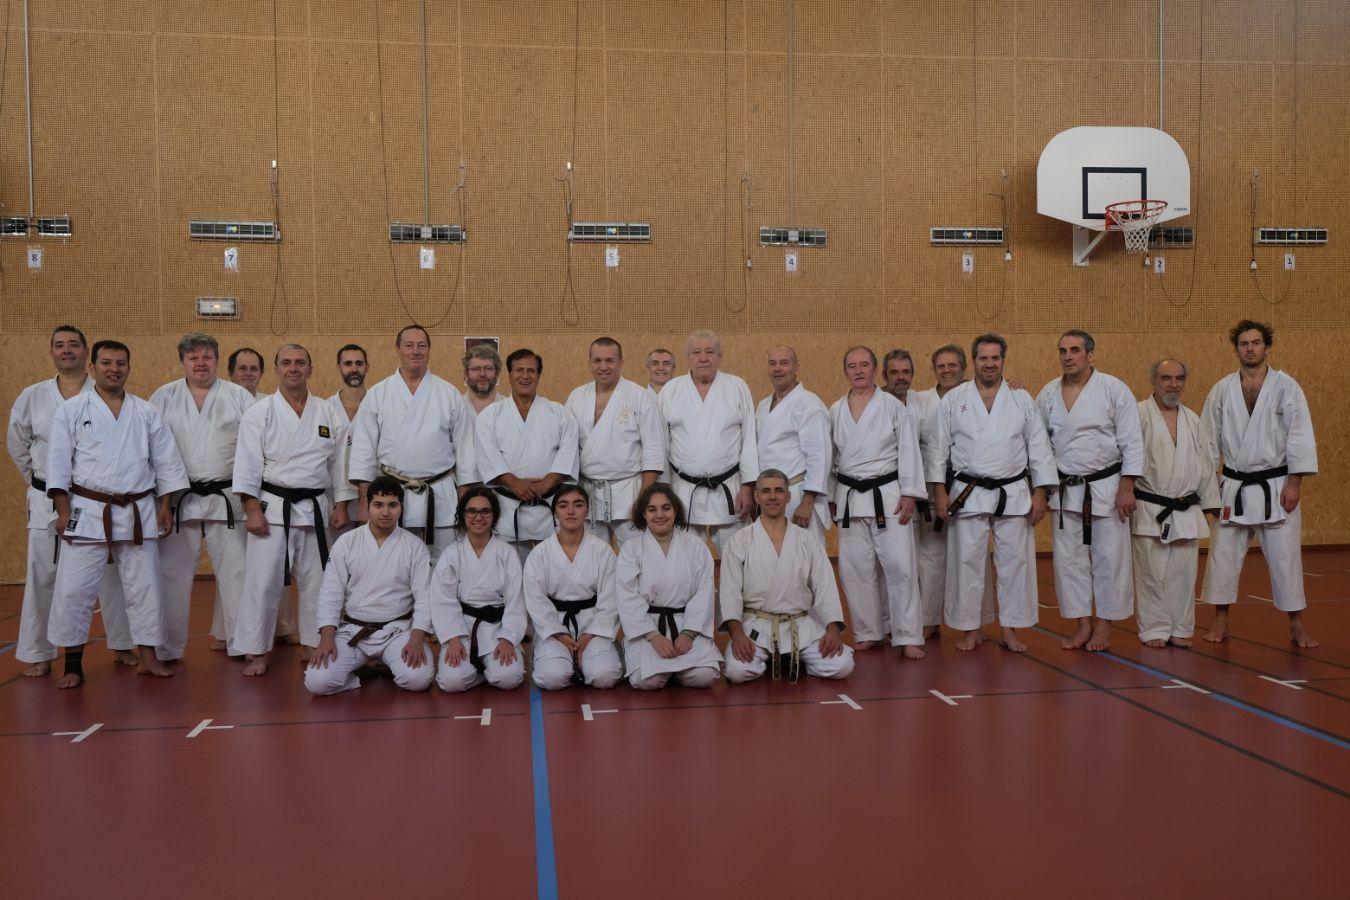 23-24 ноября 2019 года в городе Париж ( Франция)  состоялся II курс Всемирной академии каратэ-до Шотокан-Рю Казэ-Ха под руководством Альберта Боутбоул 9 дан IKS KASE HA WF.